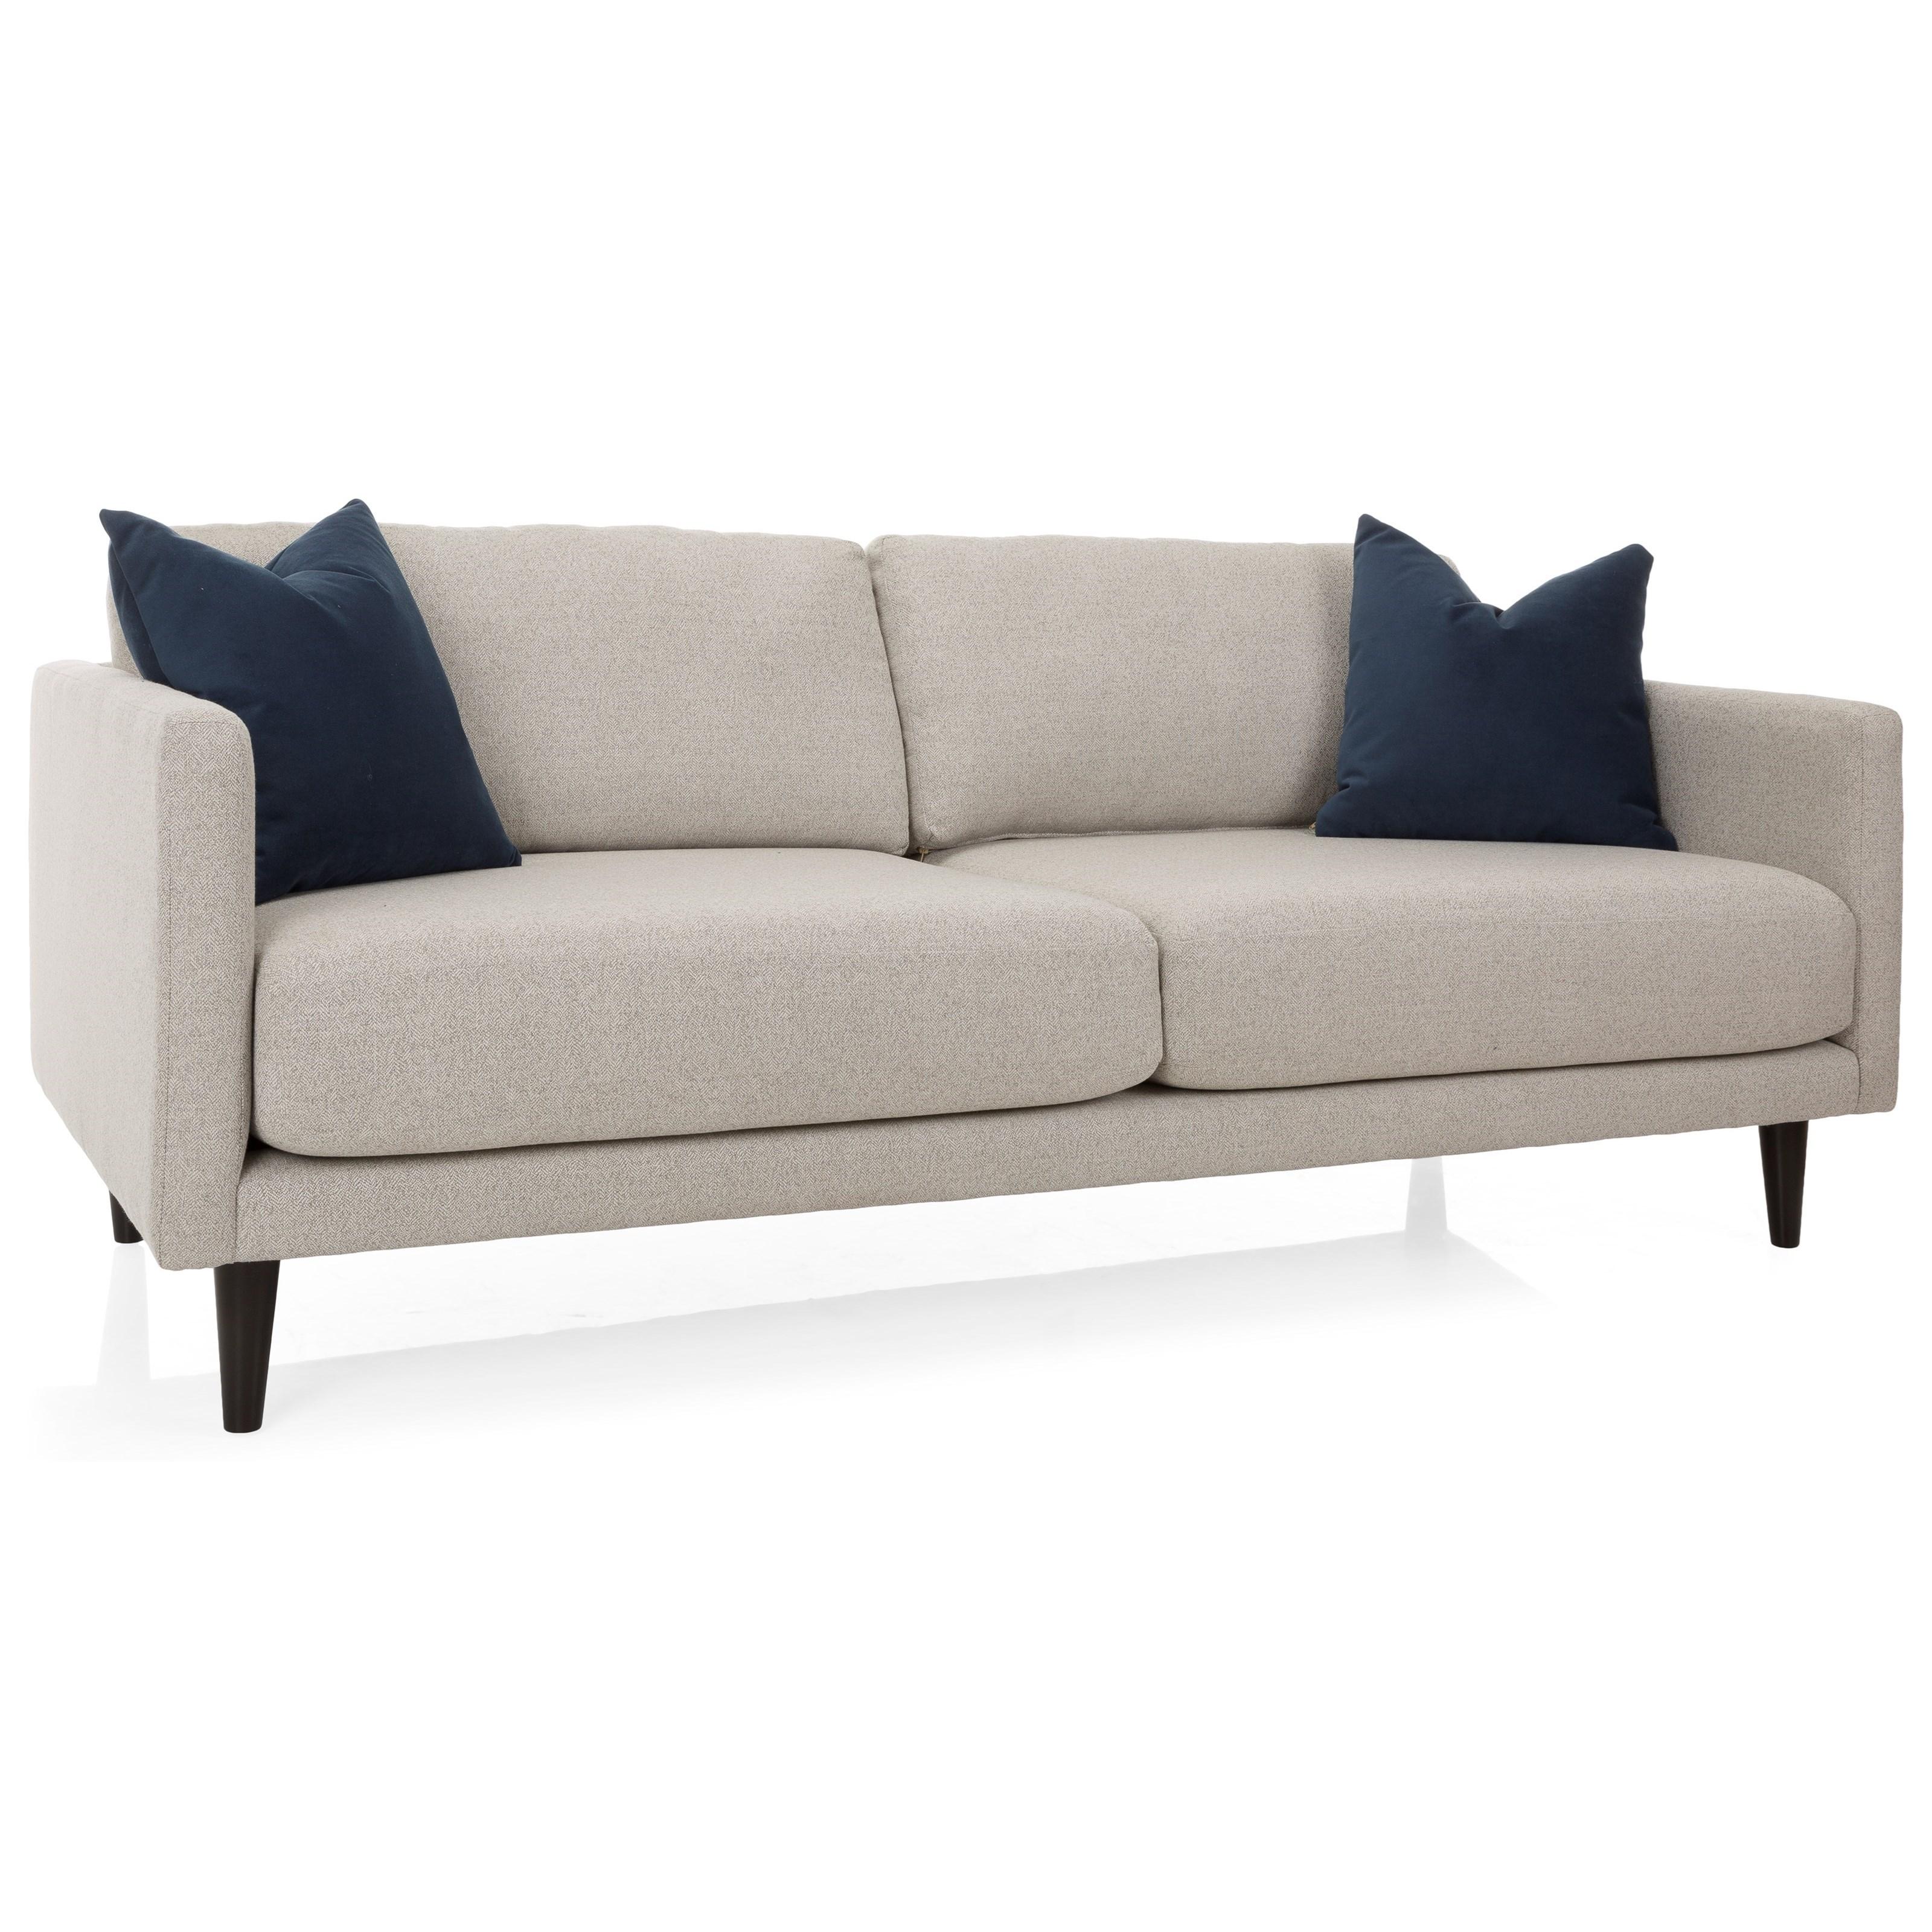 Decor-Rest 2792 Sofa - Item Number: 2792 Sofa-Cream